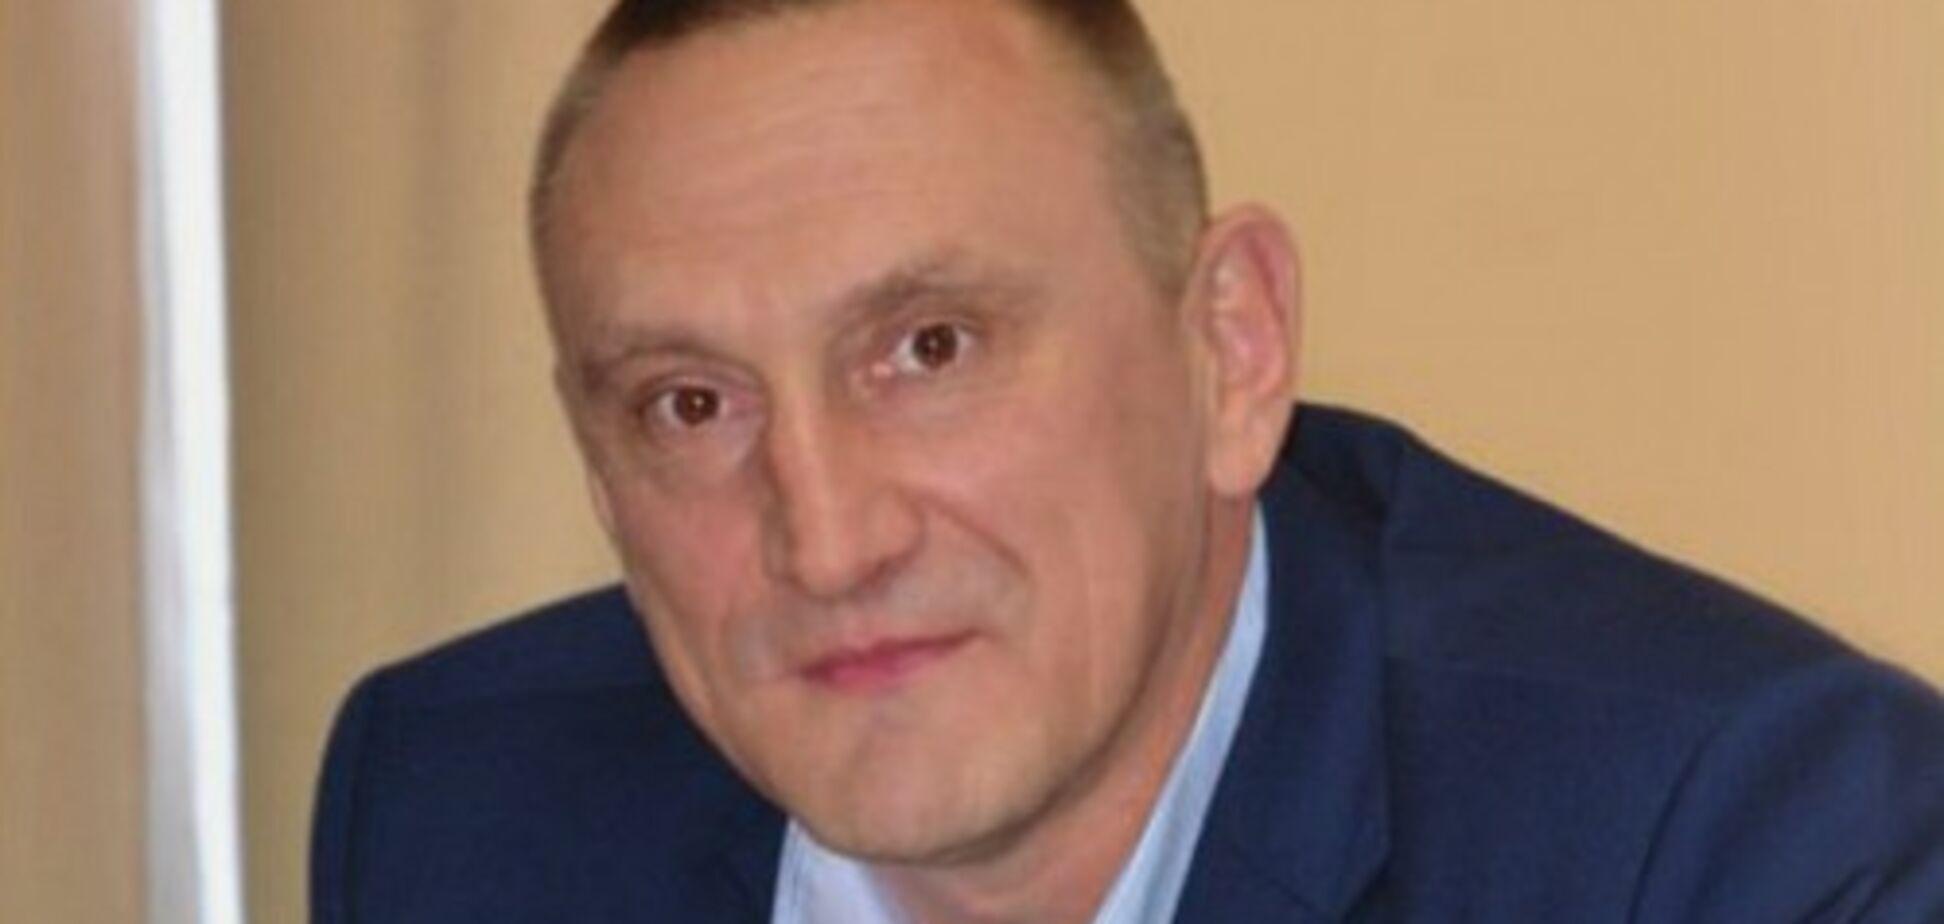 Куда смотрела СБУ? Скандал с гражданством России у украинского мэра получил продолжение